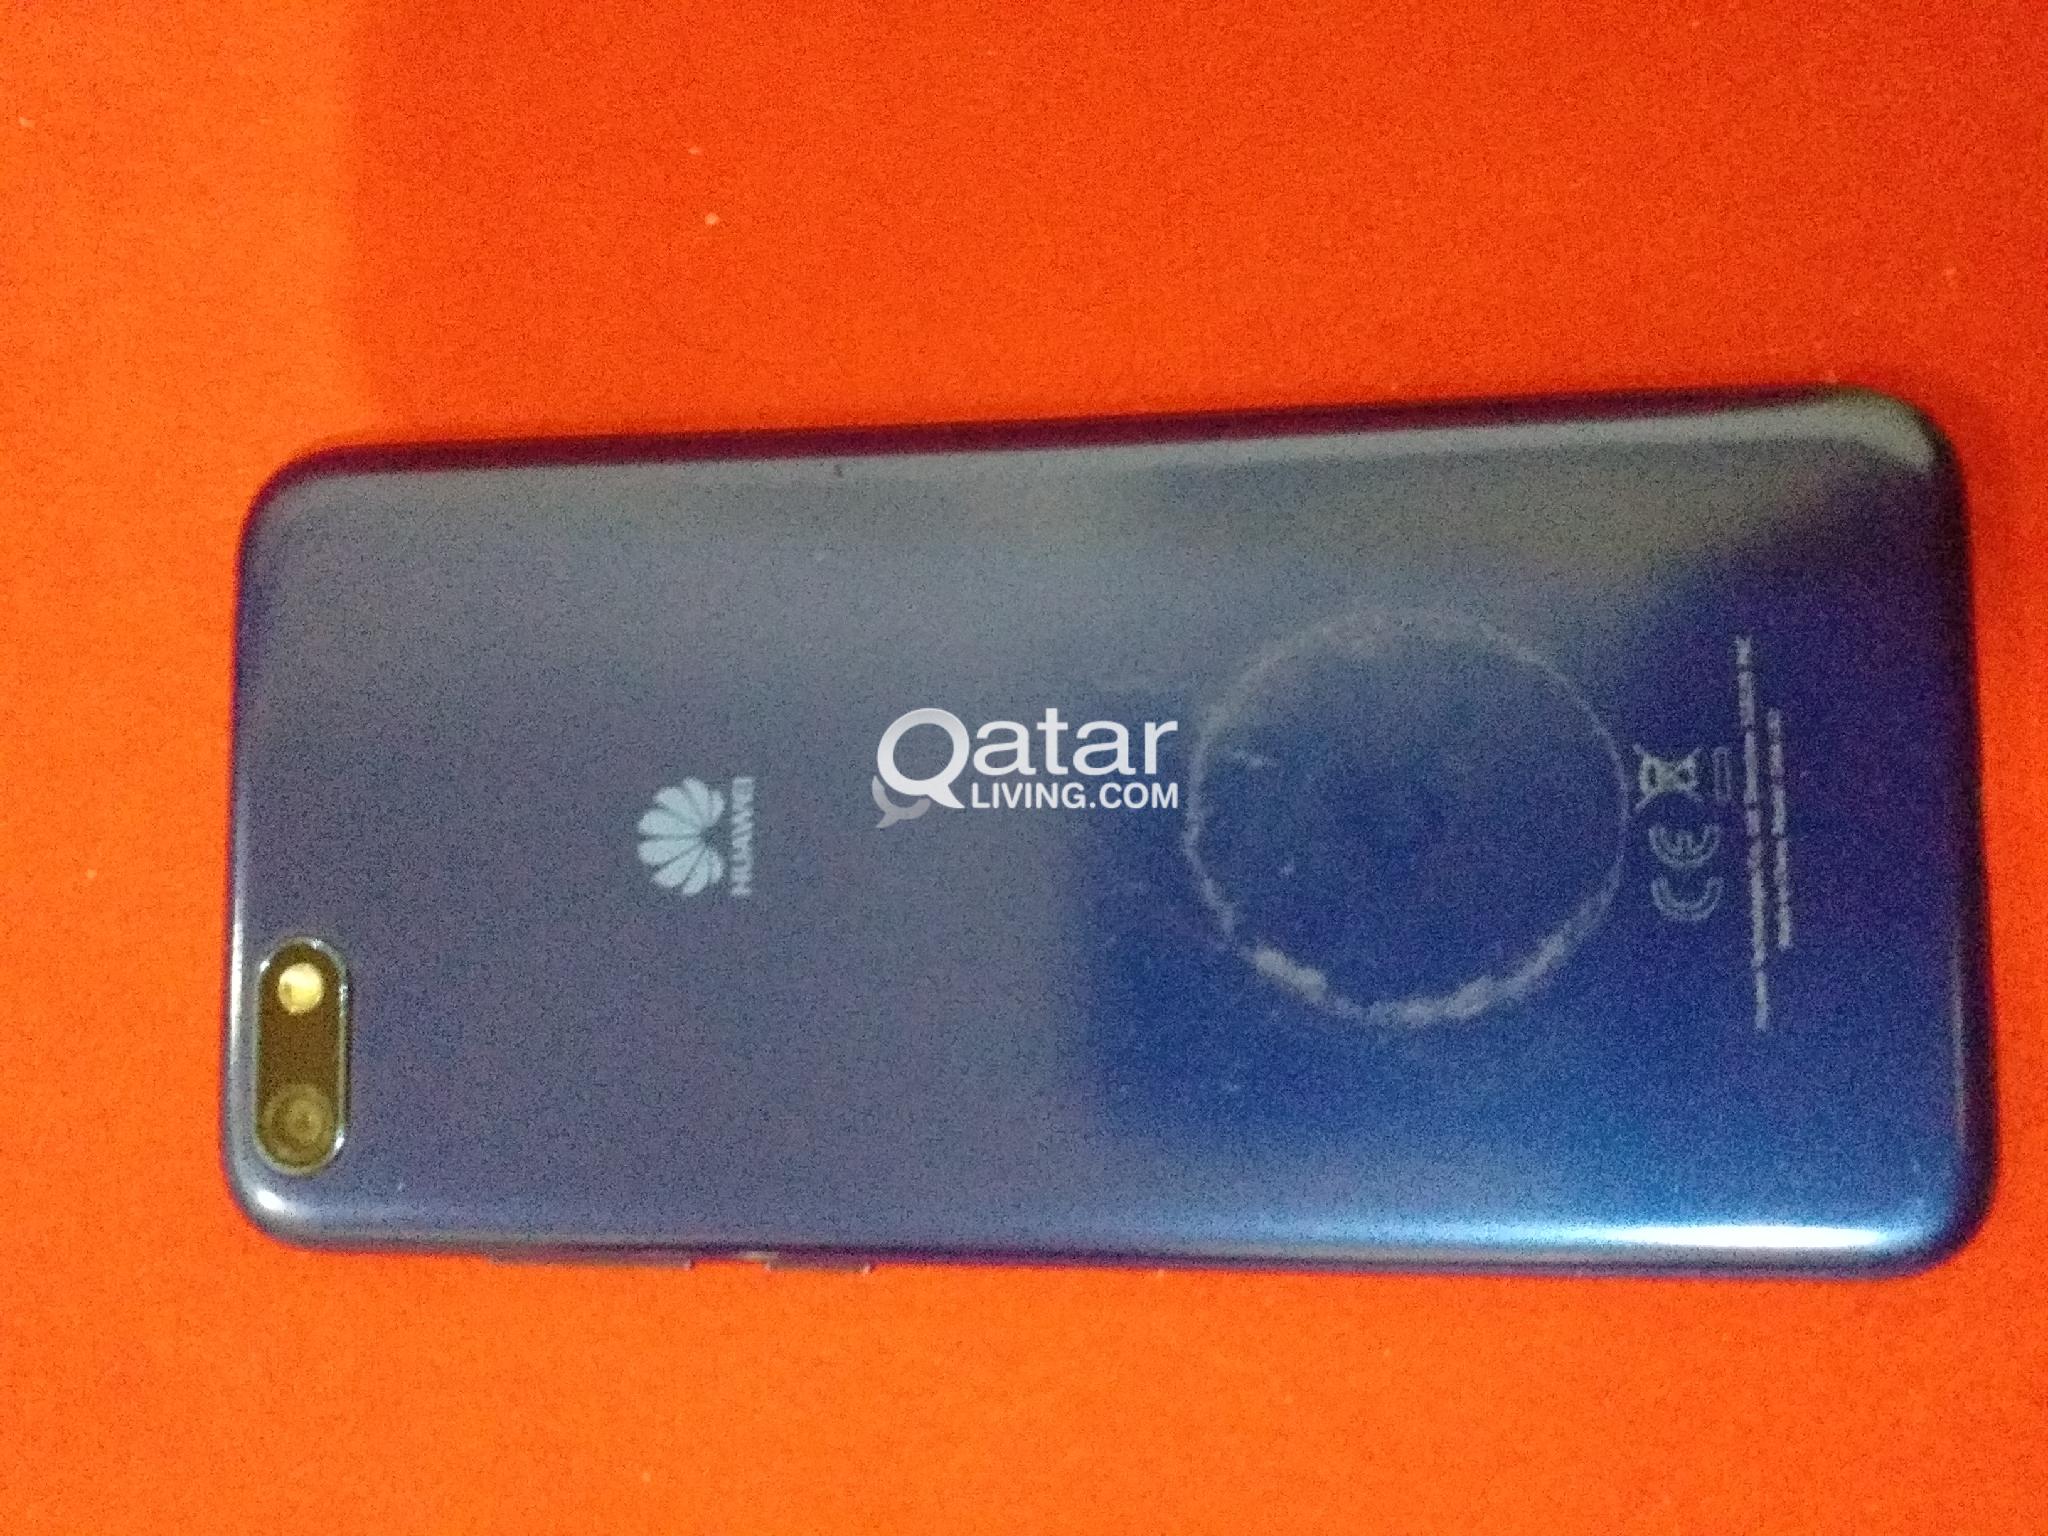 Huawei Y5 Prime 2018 | Qatar Living